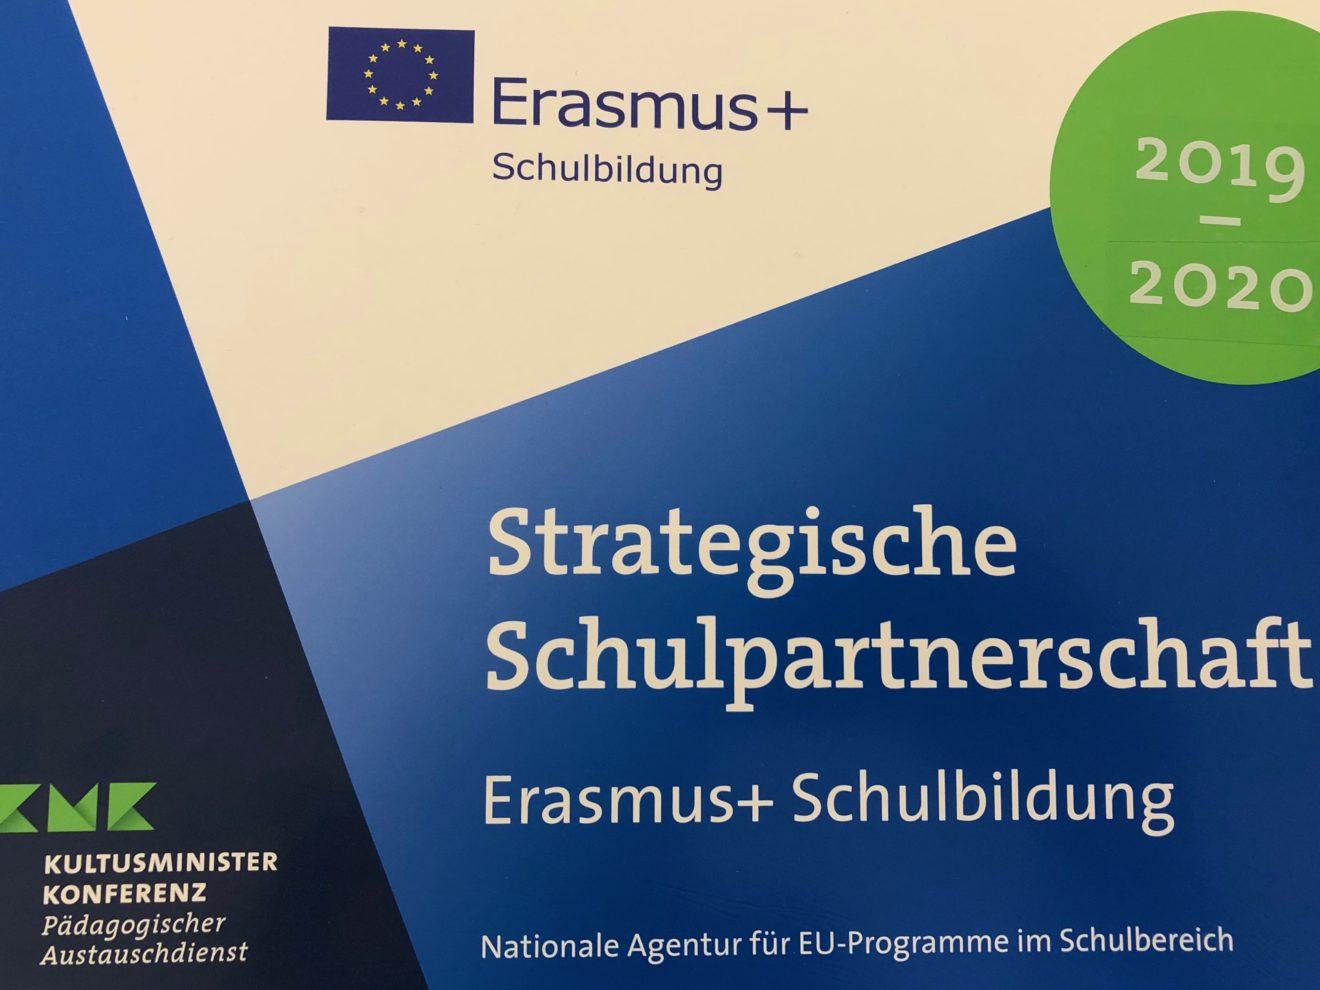 ERASMUS+ Förderung, GO wird strategischer Partner